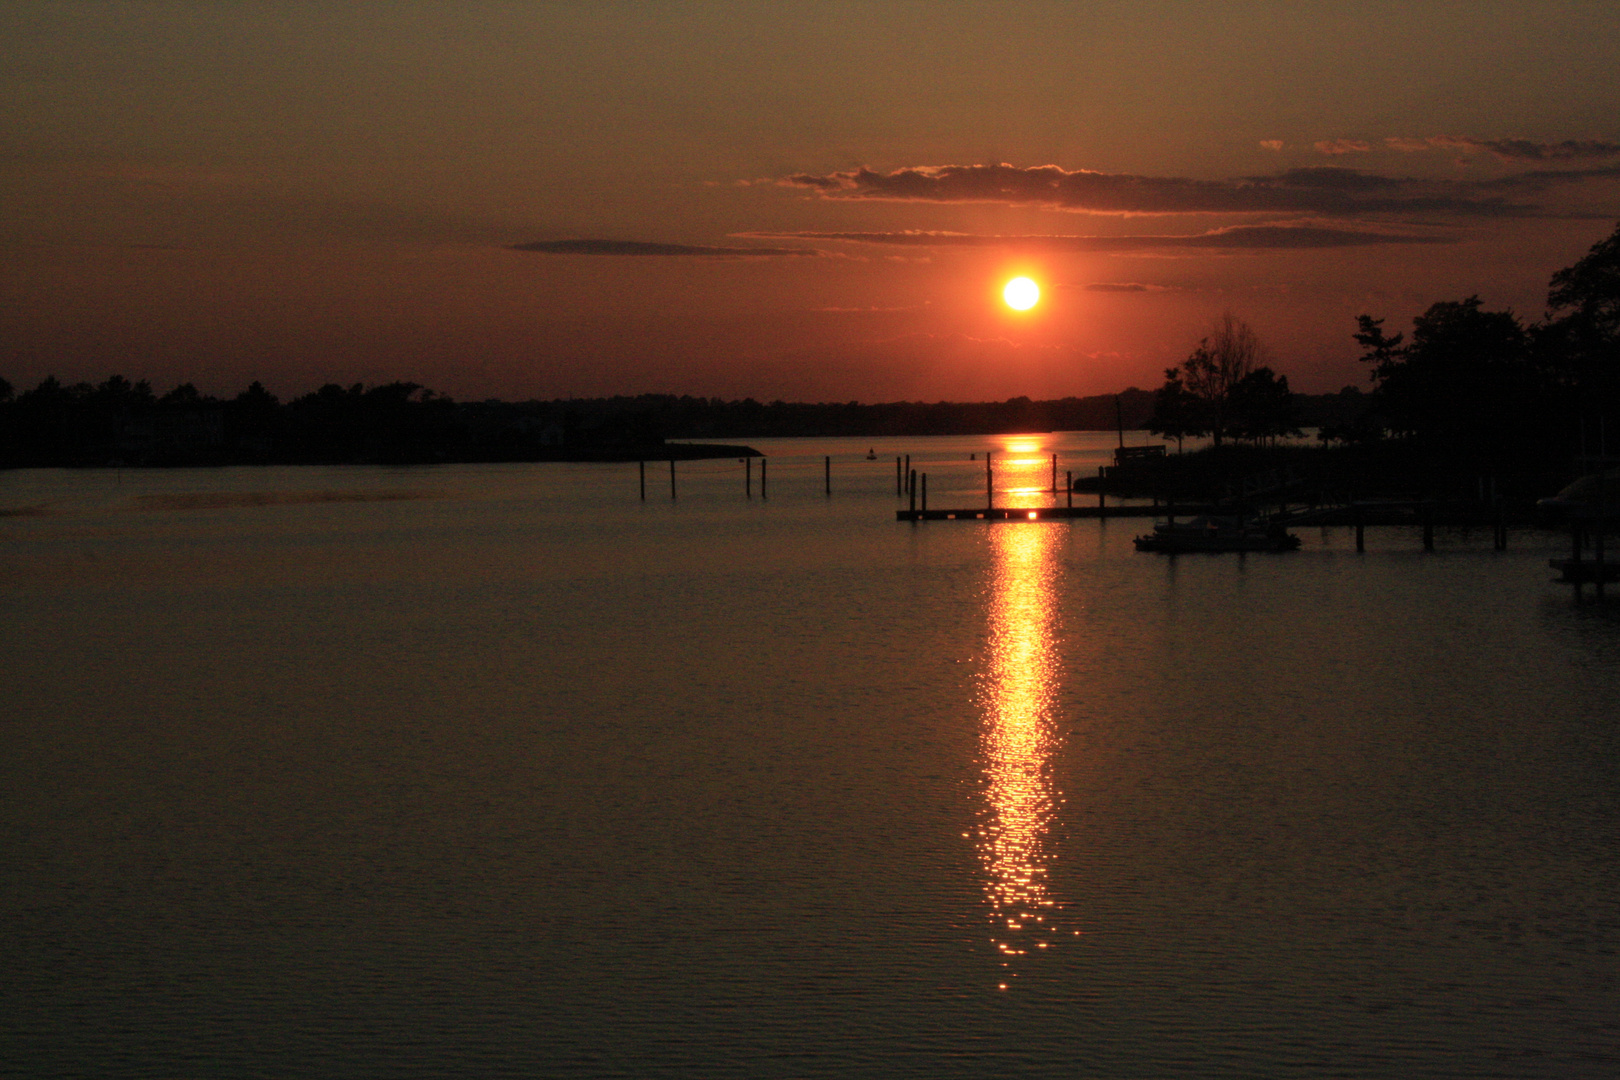 Sonnenuntergang in New Jersey